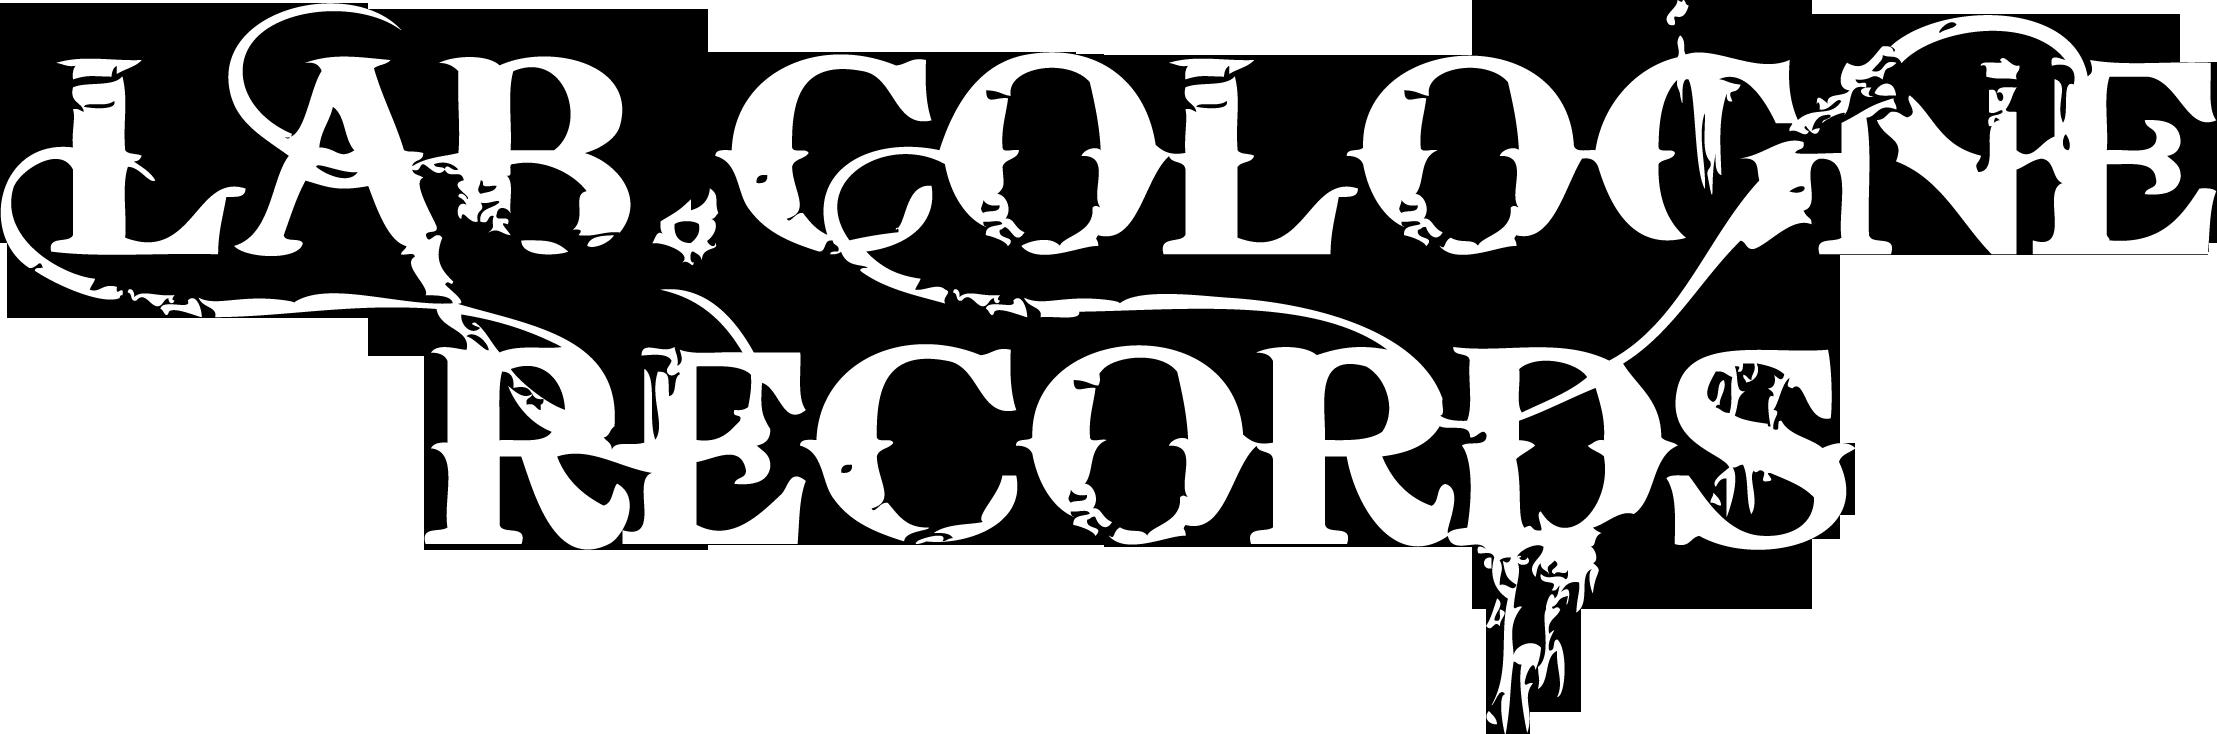 LABCOLOGNE RECORDS_Vektorisiert Kopie